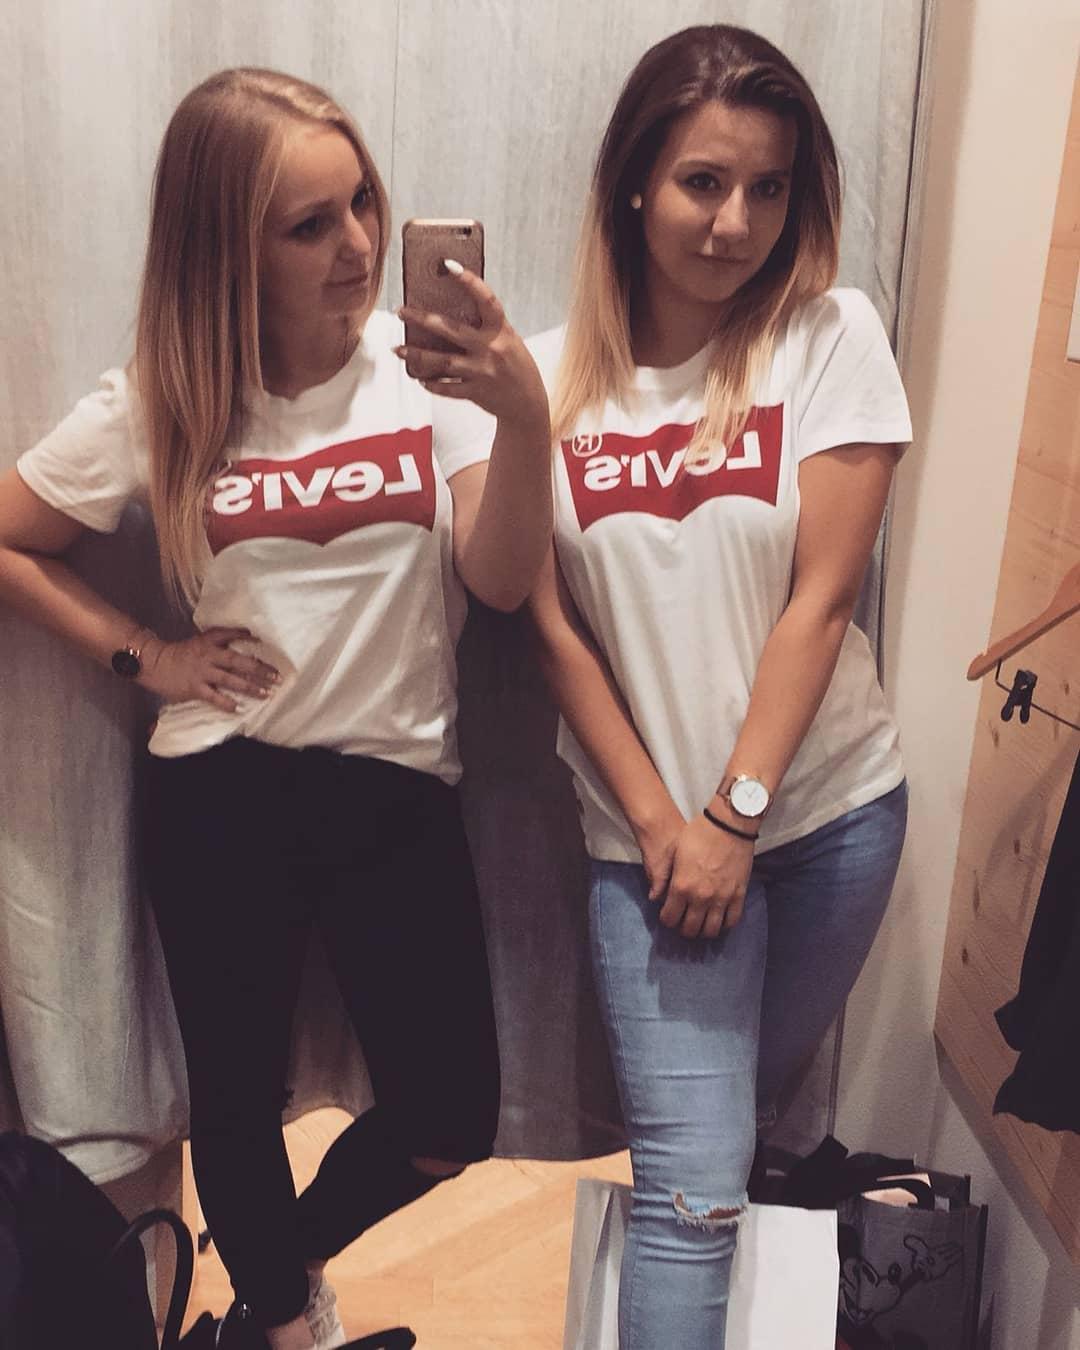 t-shirt levis blanc de Les Bourgeoises sur liesel_07